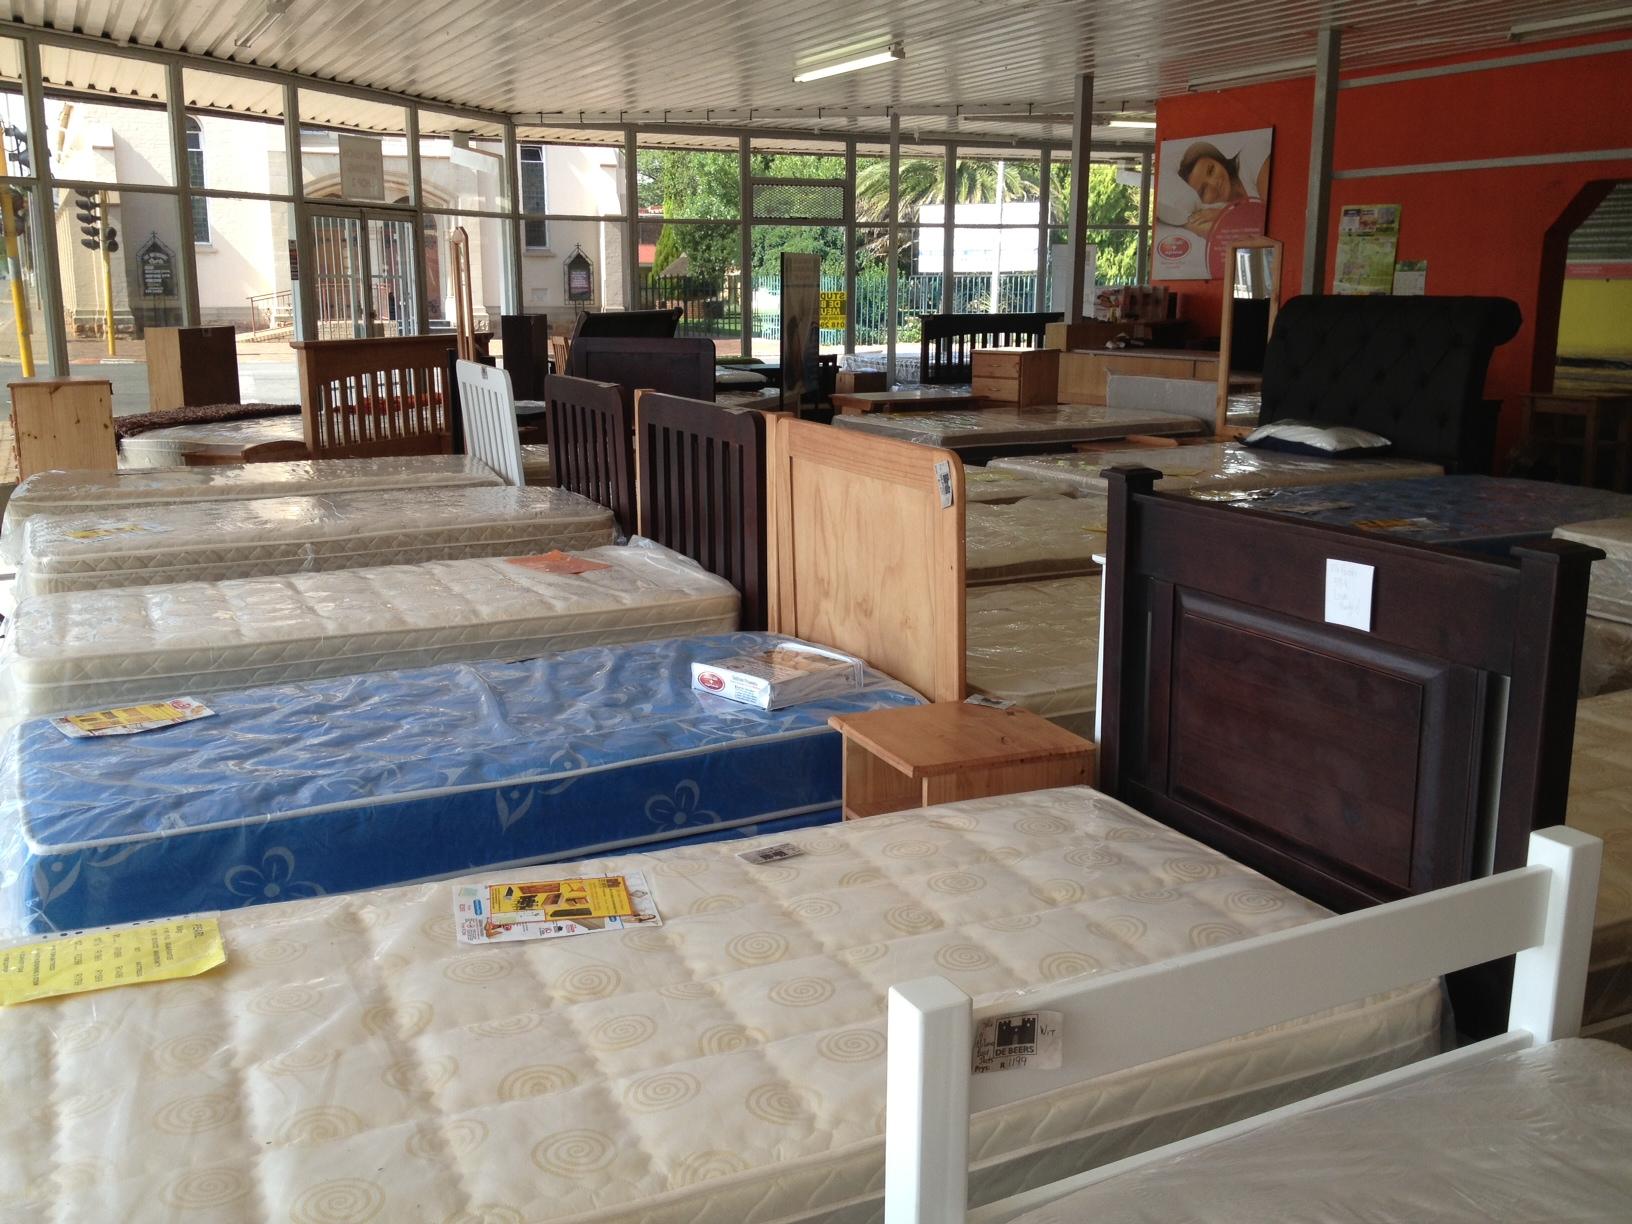 Potchefstroom 2 De Beers Furniture